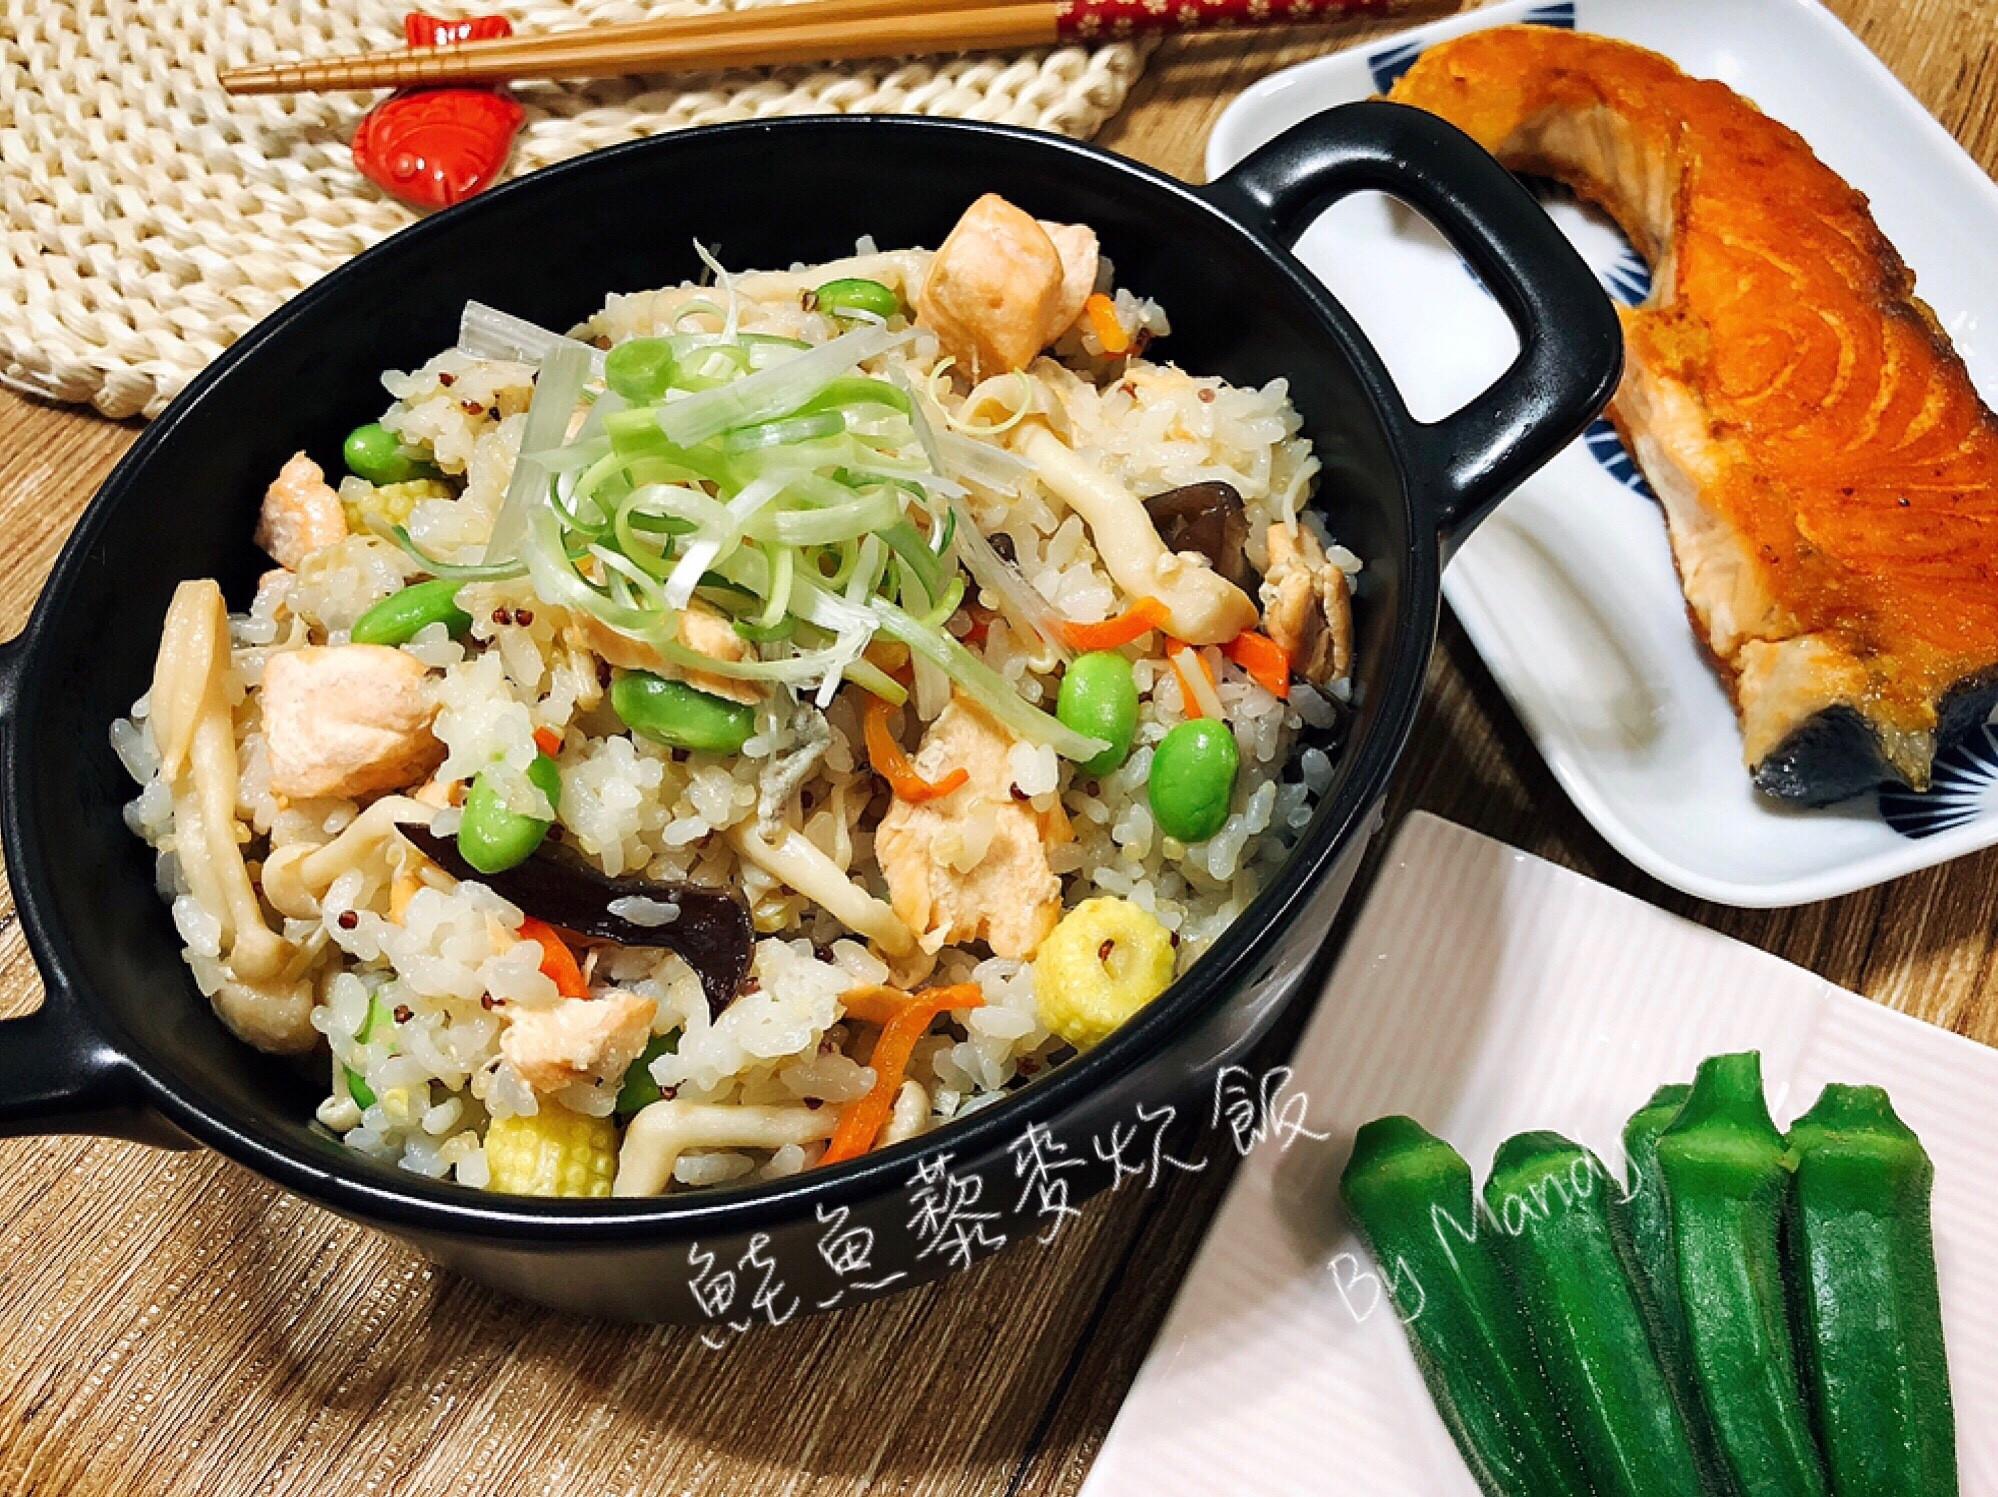 鮭魚藜麥炊飯【什錦飯】